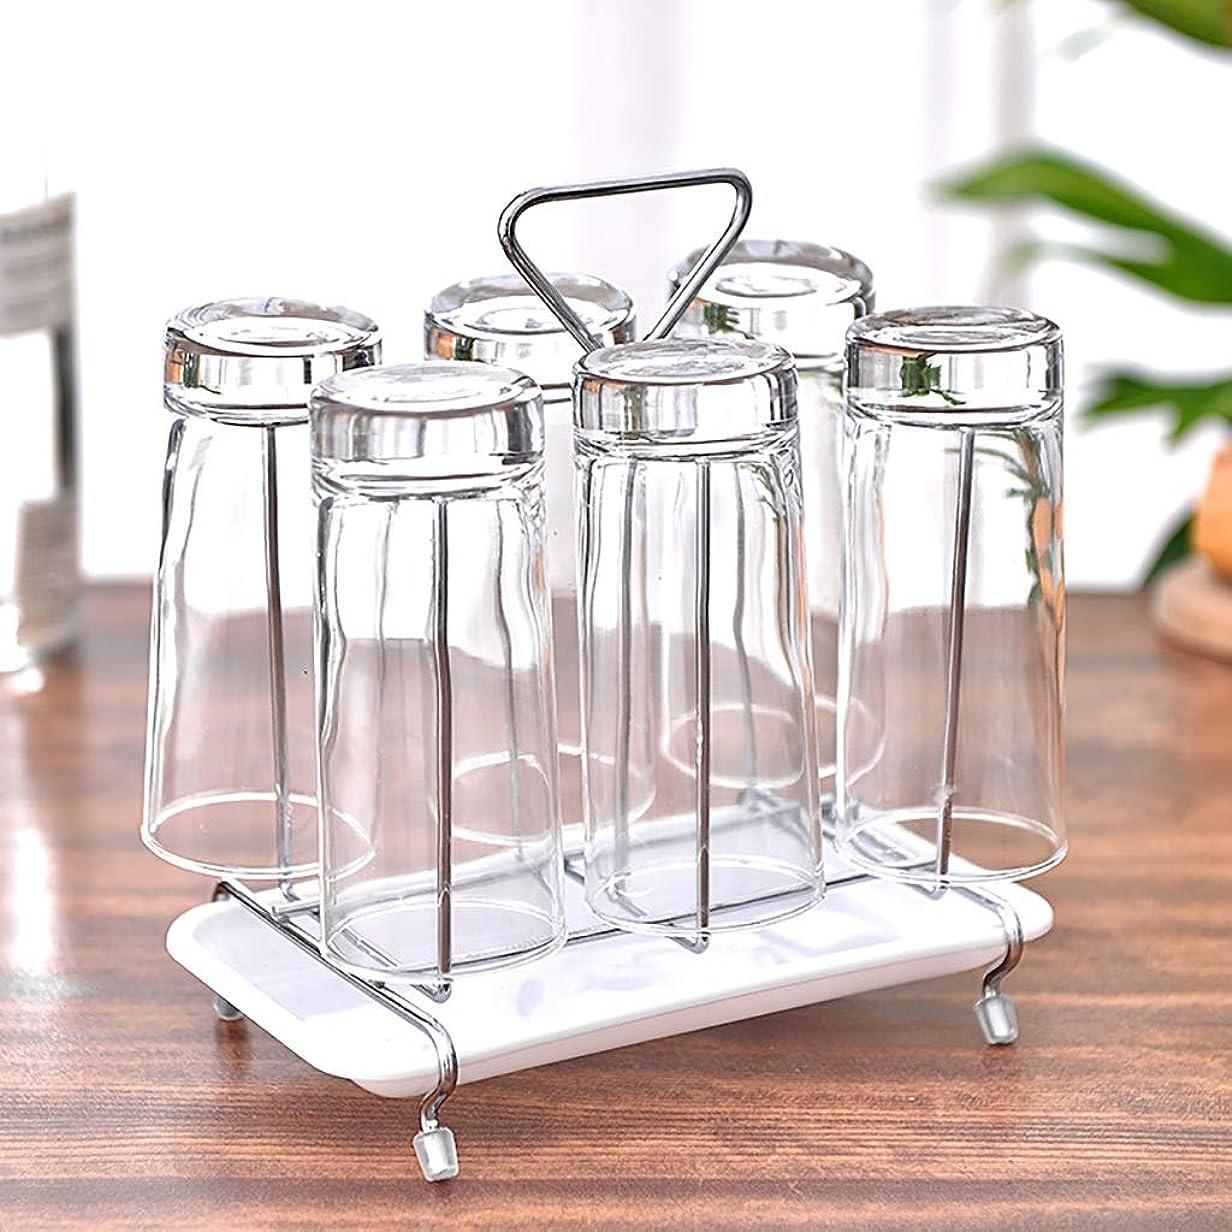 変位おしゃれじゃない実り多いガラスホルダーワインカップホルダーワイングラス乾燥収納ラック水飲料排水棚ワインマグホルダー6カップ用(ウォータートレイ付き)